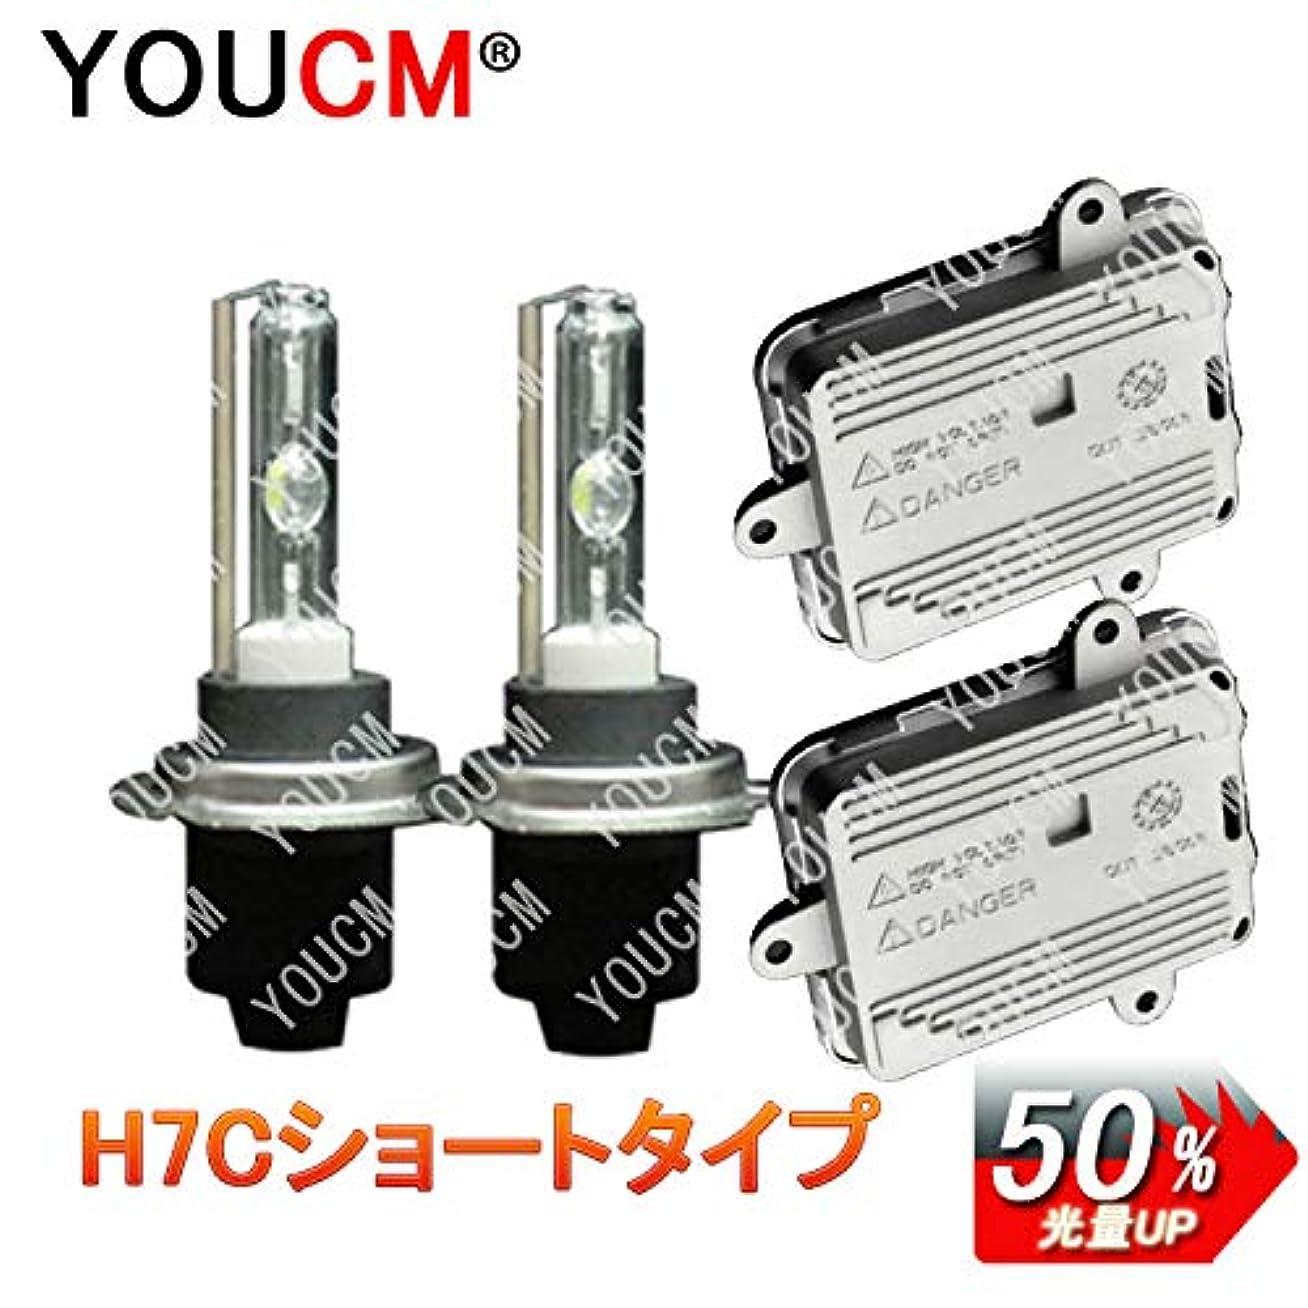 ムス区別タイル日産 Nissan プレサージュ Presage H18.5~H21.9 U31 ハイビーム H7(H7C) RS HID 35W 4300K 2灯 キット[YOUCM][1年保証]